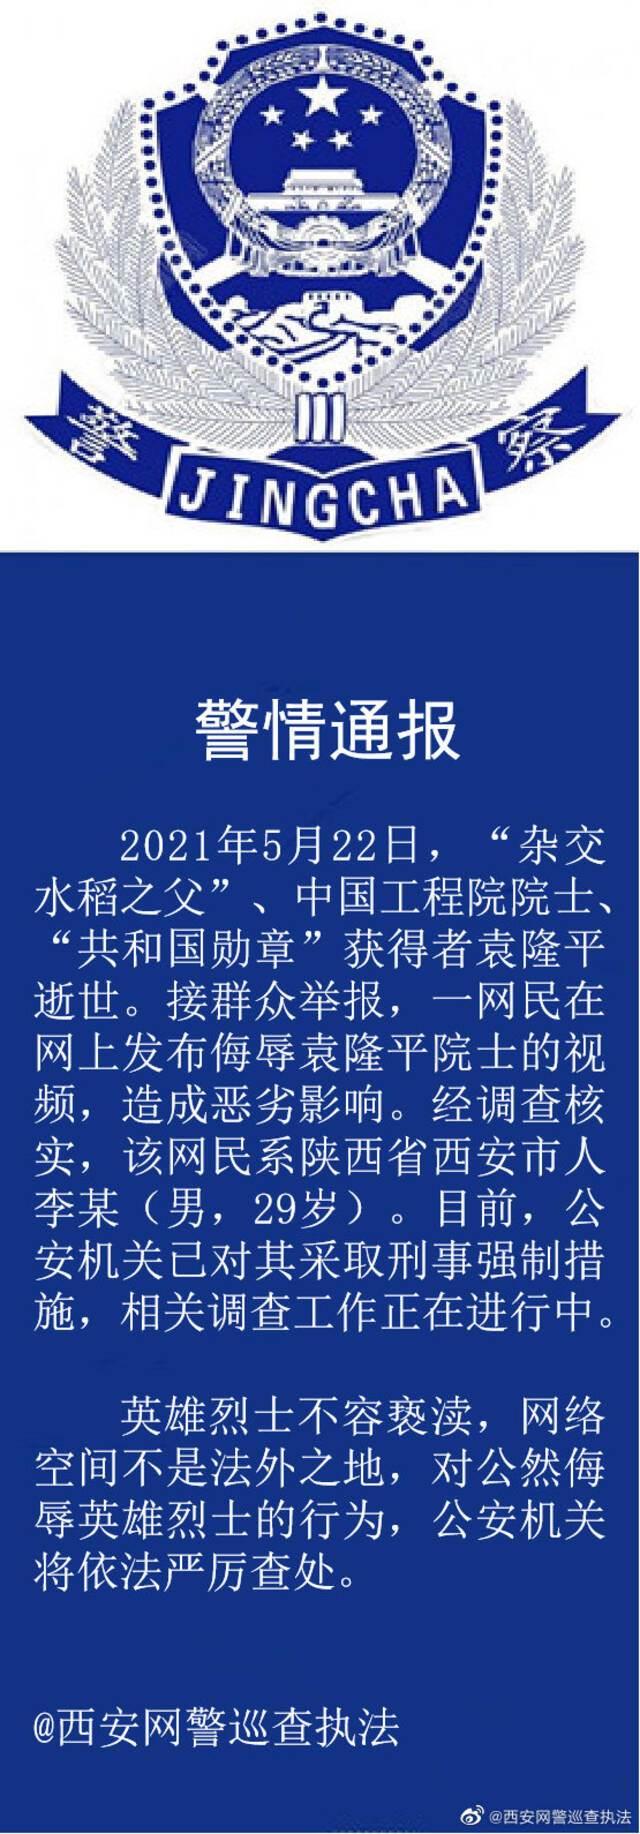 西安一网民发布侮辱袁隆平院士视频 被采取刑事强制措施插图